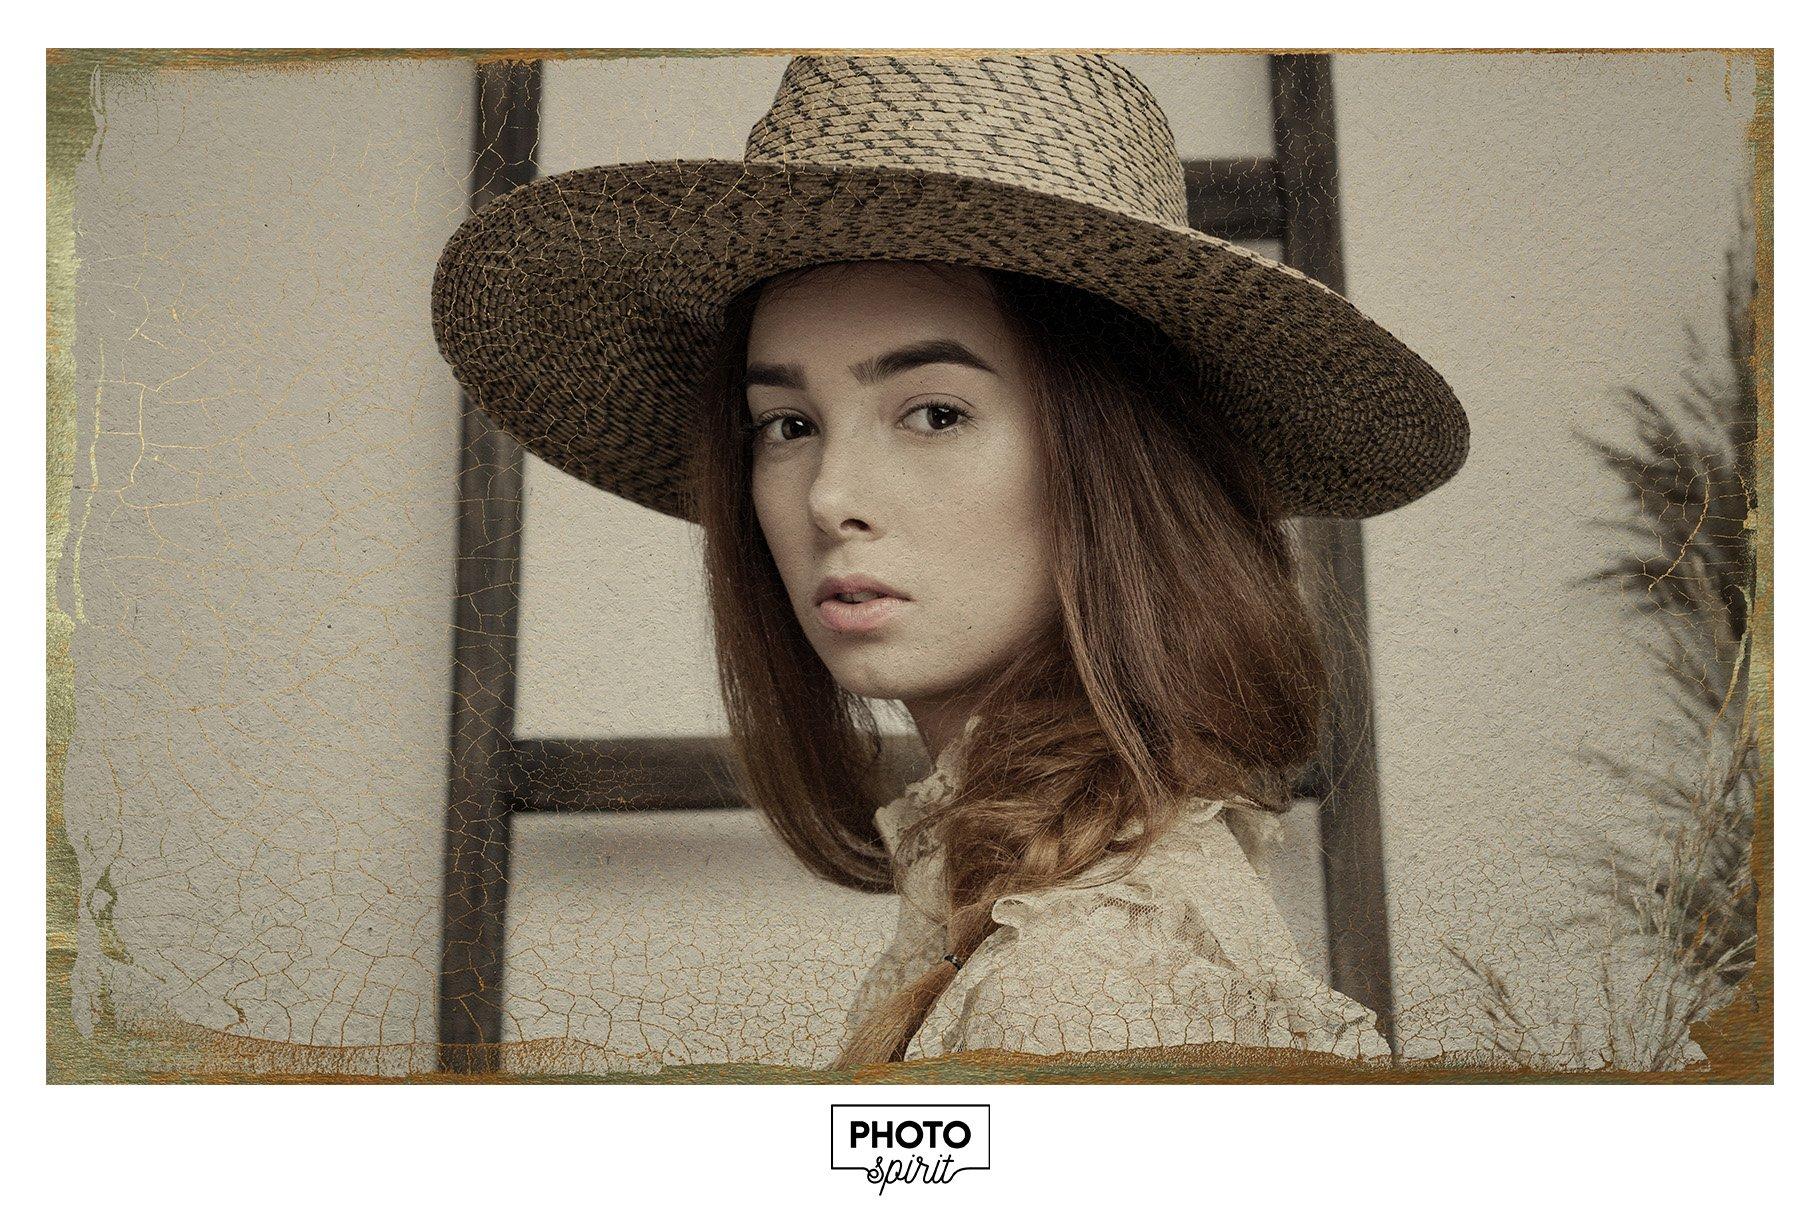 金色光泽铜绿划痕飞溅照片叠加层效果PS素材 Golden Patina Photo Effect插图(7)